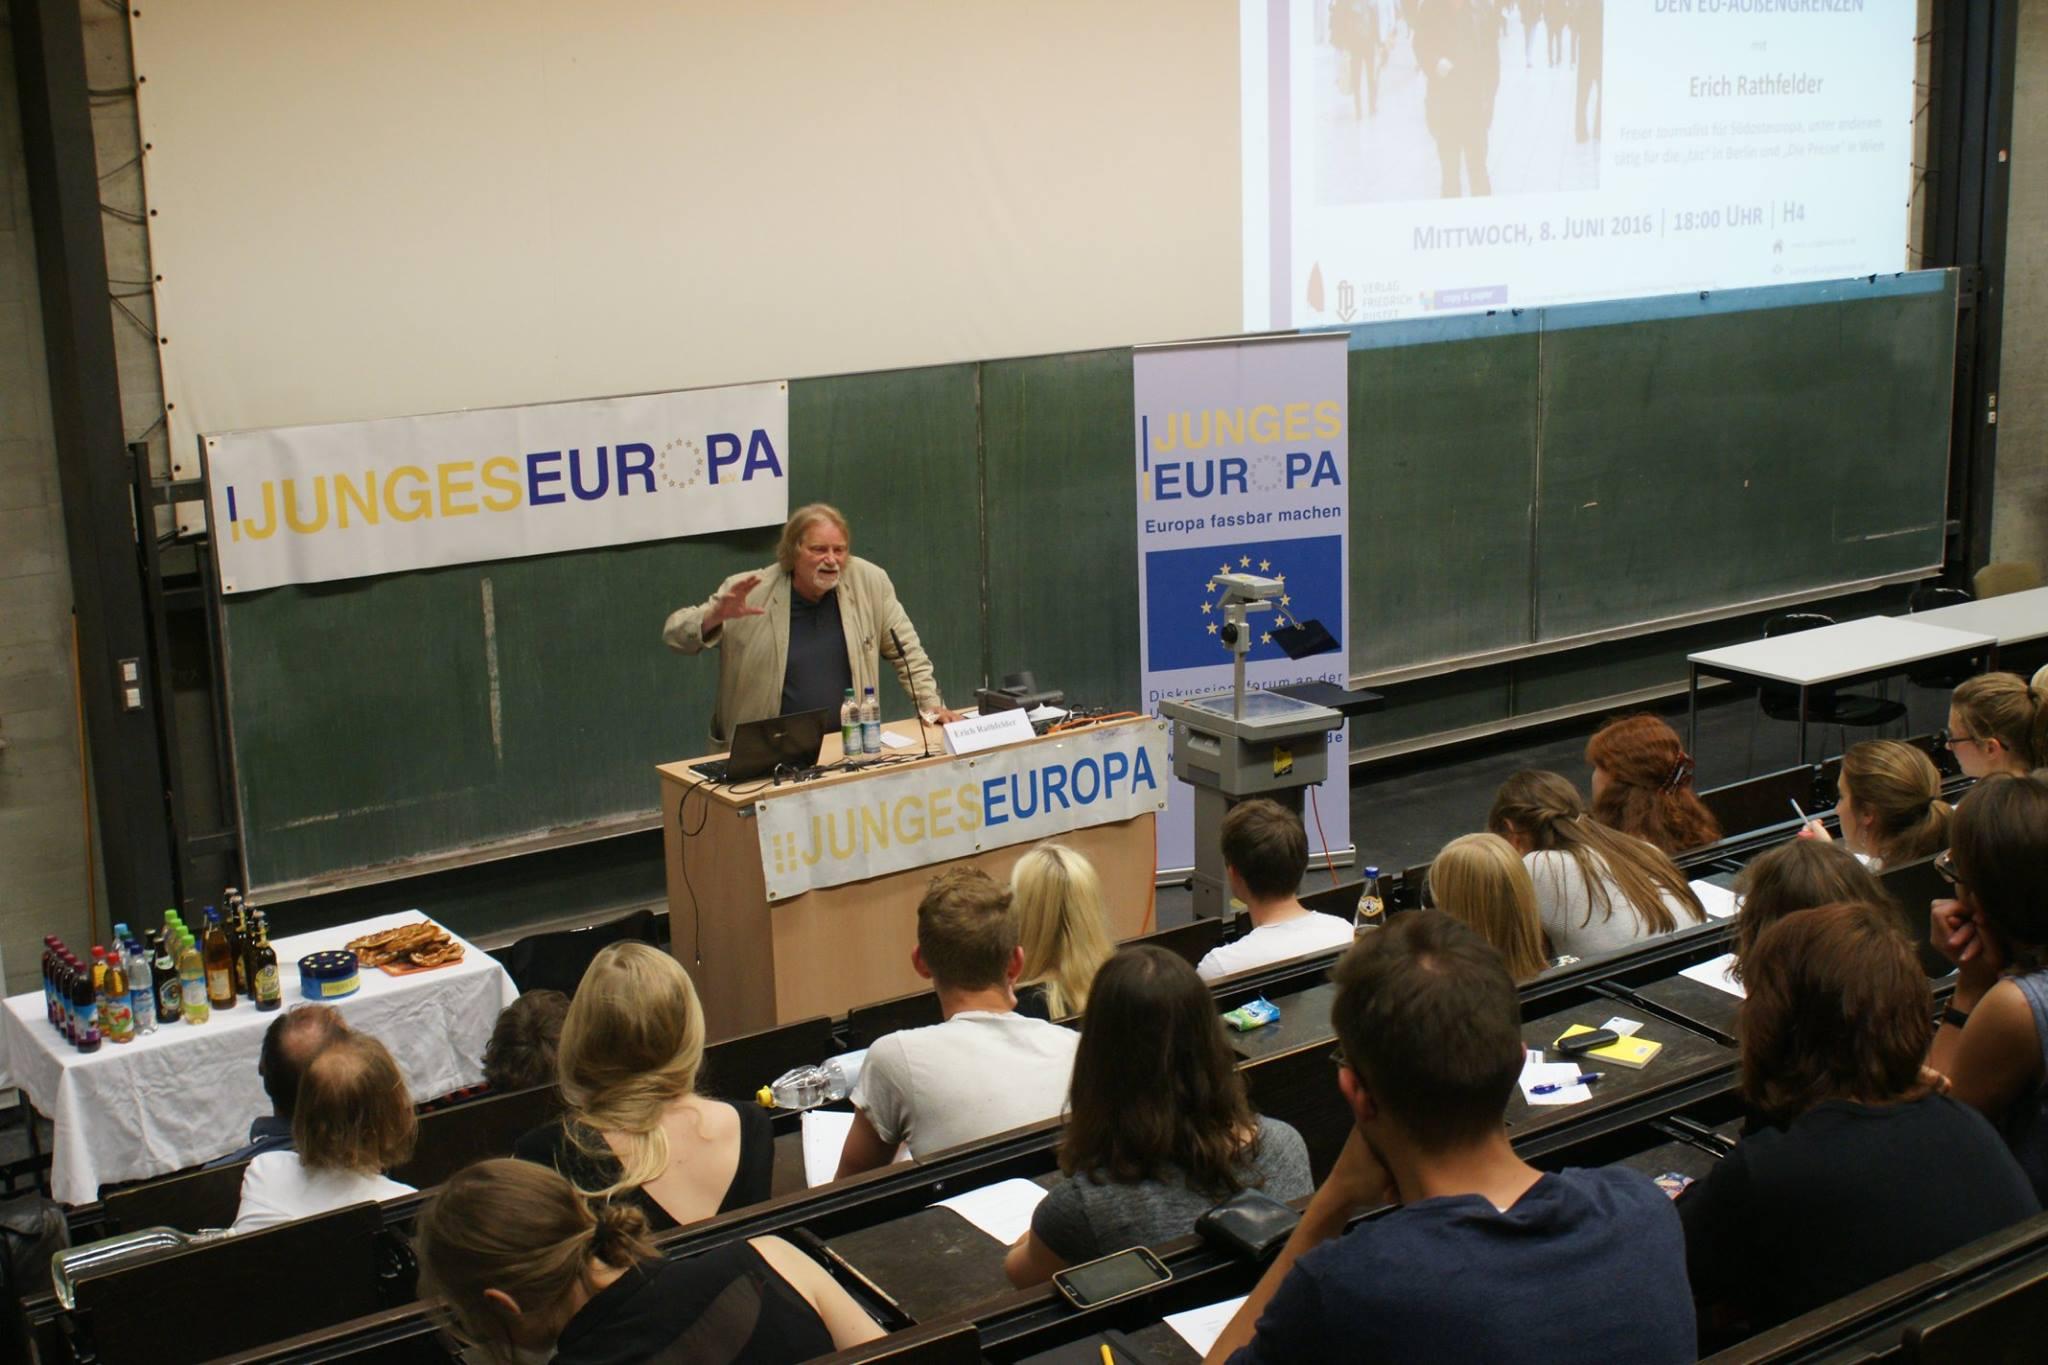 """Foto_2 zu """"Berichterstattung über die humanitäre Katastrophe an den EU-Außengrenzen"""""""